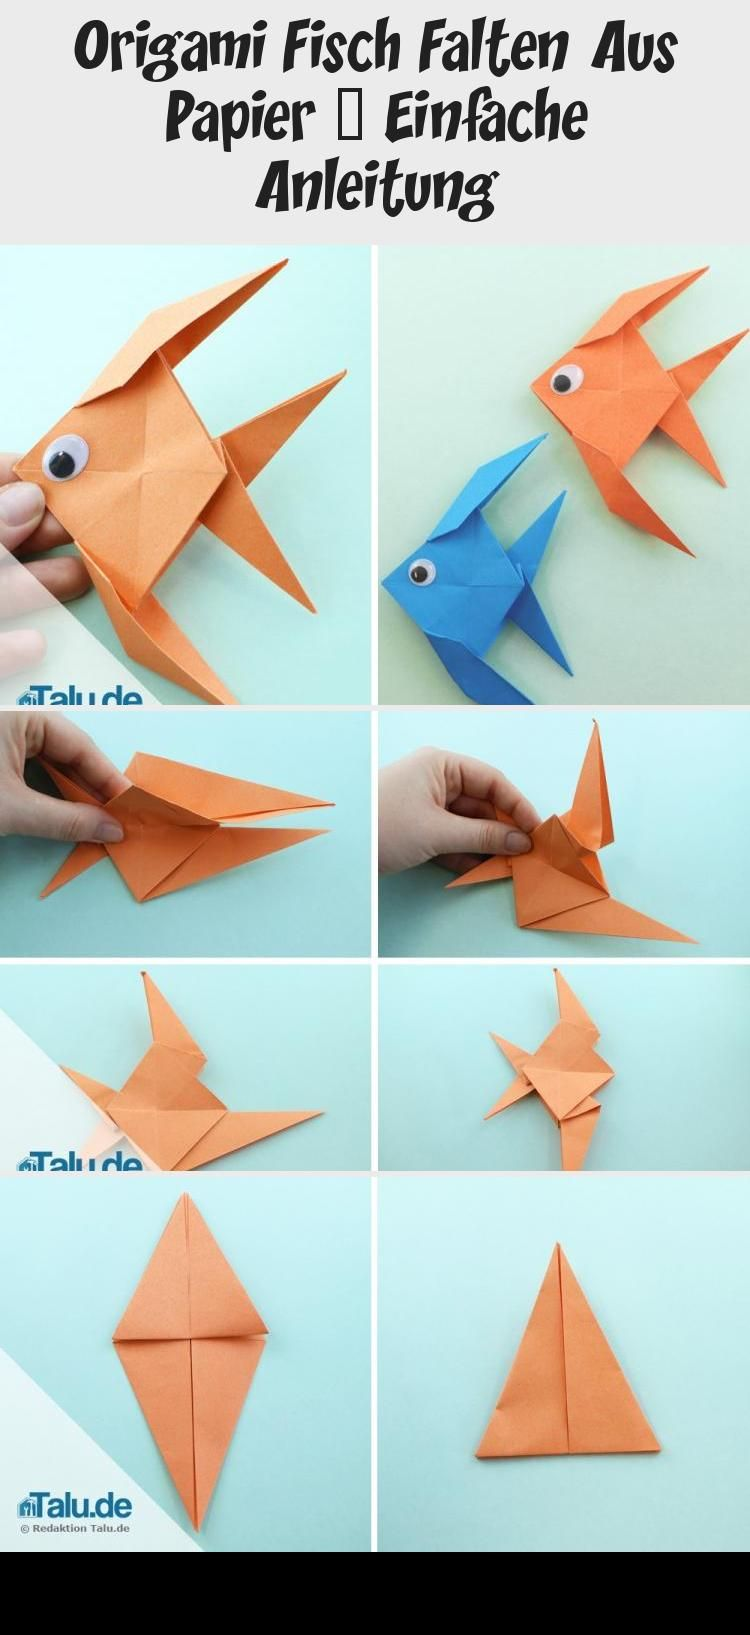 Photo of Kostenlose Anleitung – Origami Fisch falten – Talu.de #origamiPlane #origamiHear…